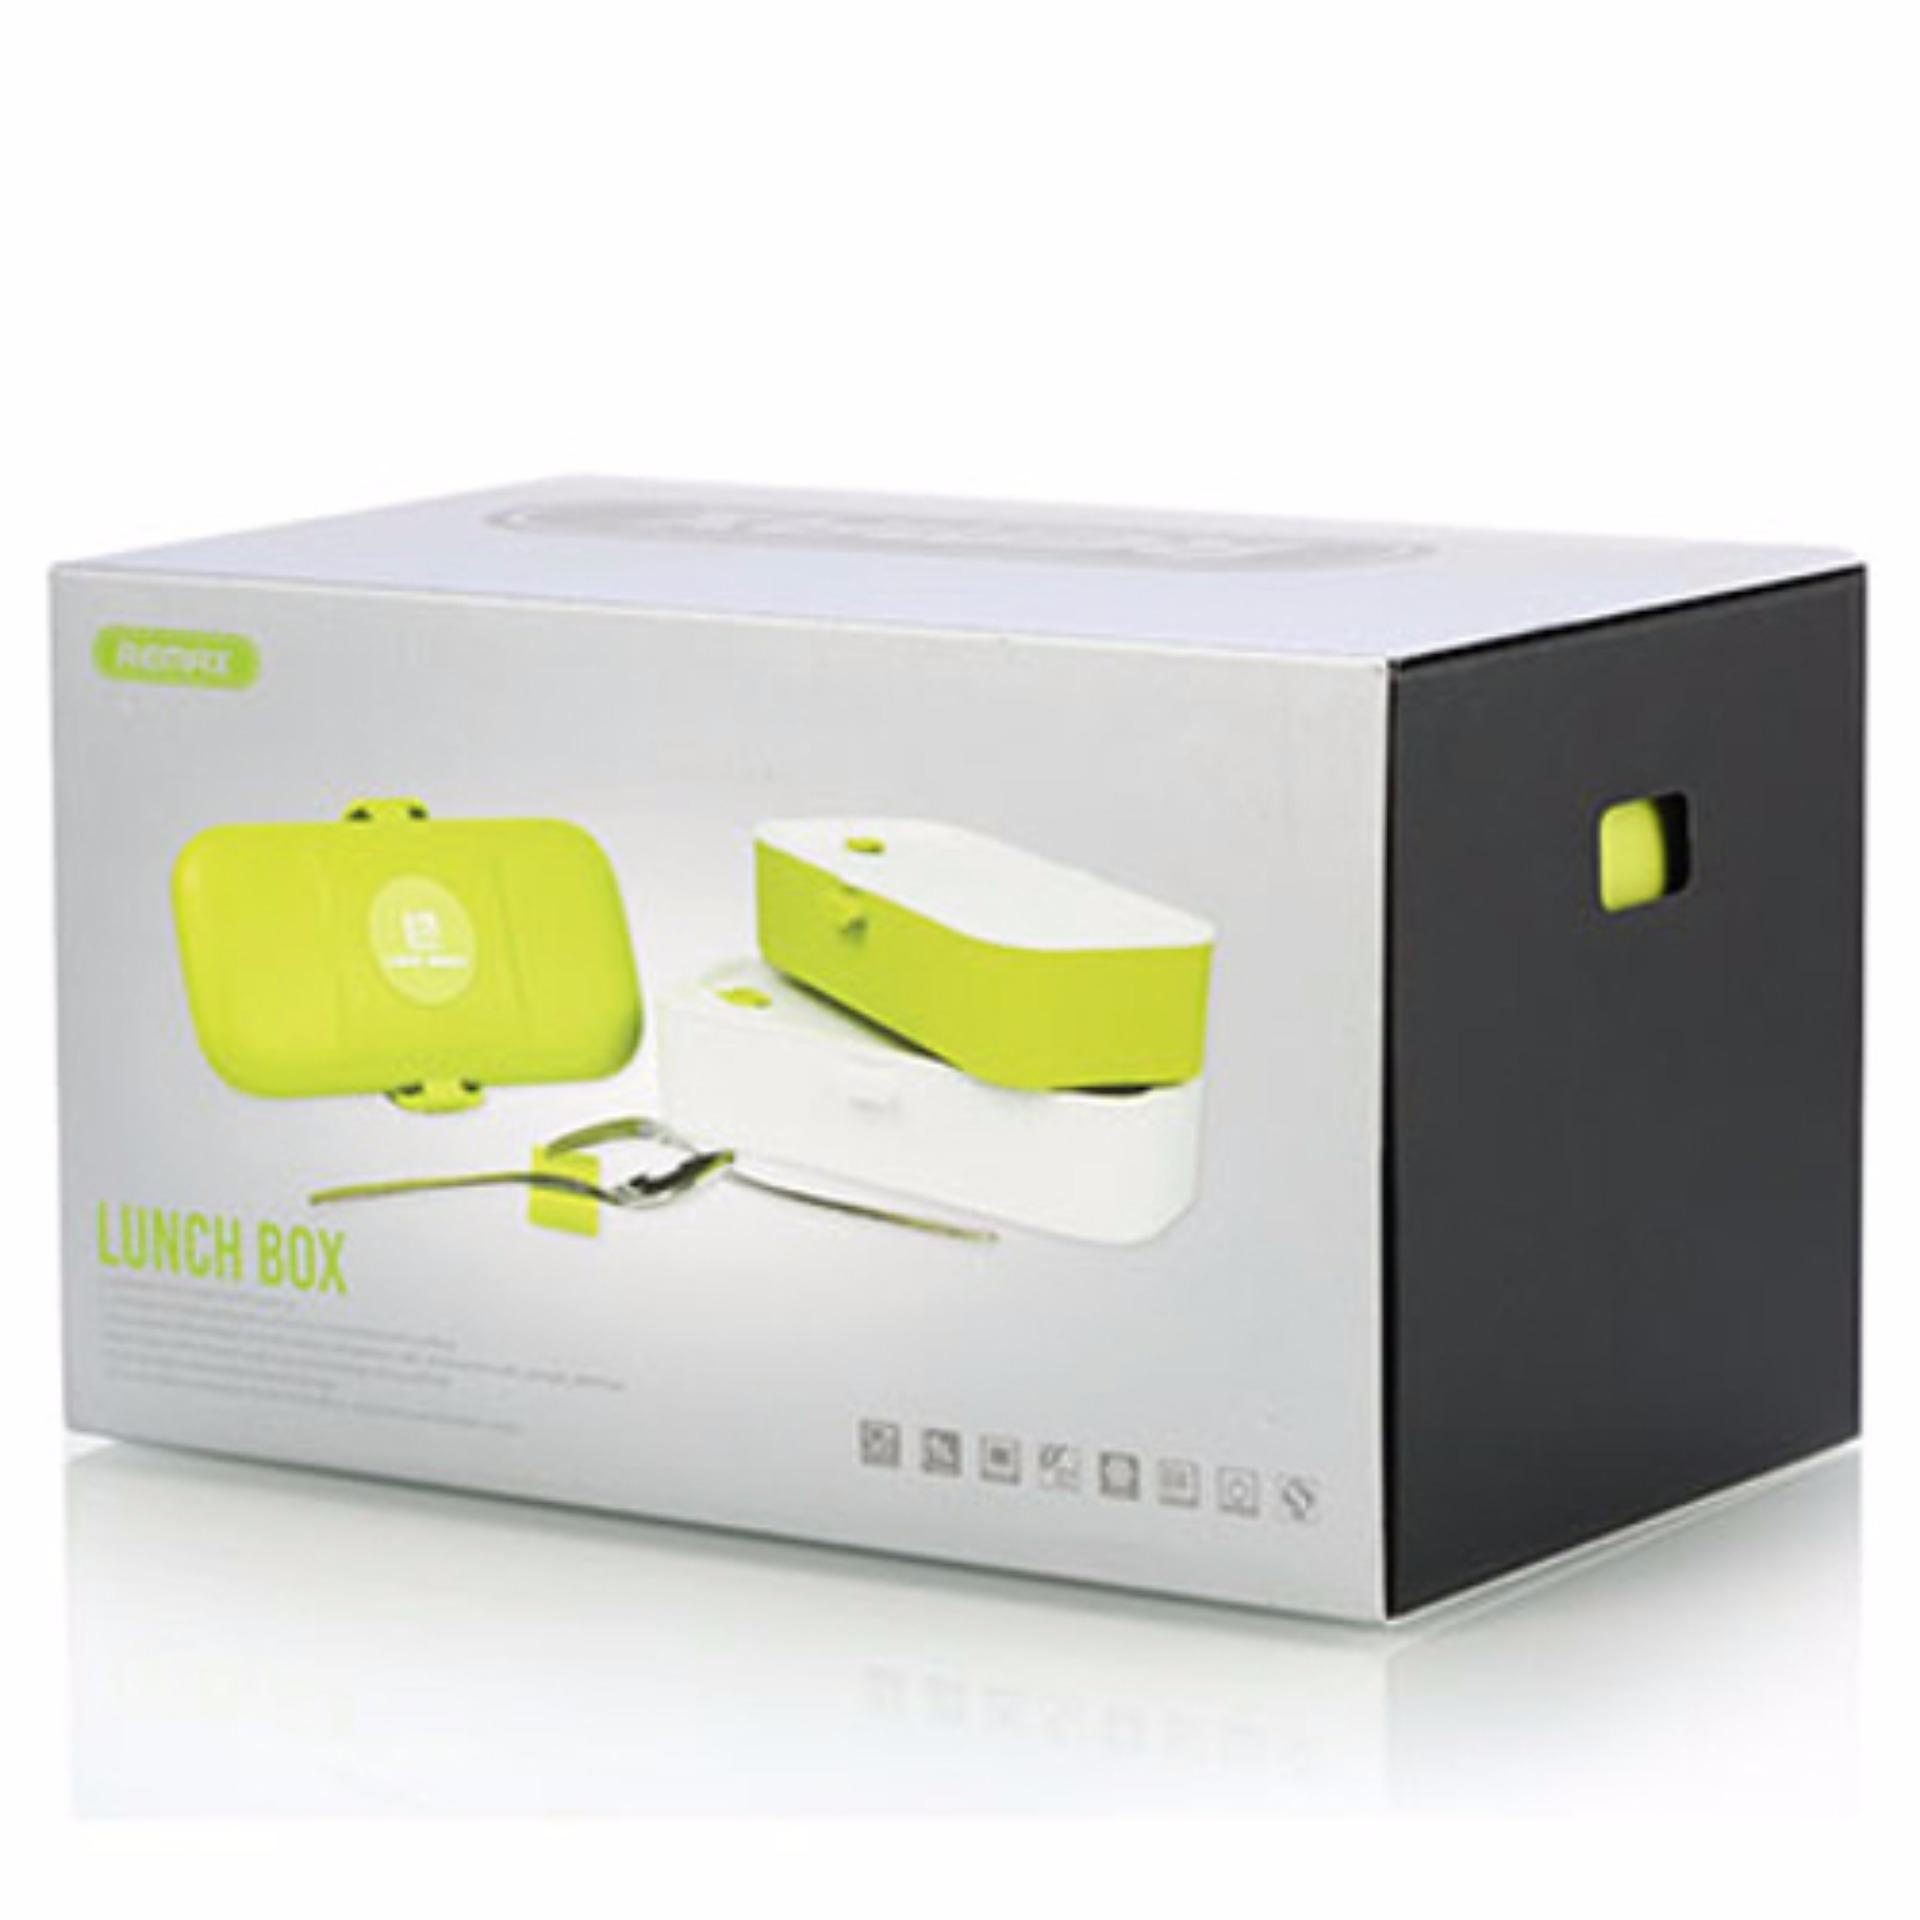 Home · Pitaldo Kotak Makan Elektrik Colokan Mobil Untuk Pemanas Makanan Di Perjalanan Mudik Lebaran; Page - 3. Remax Kotak Makan 2 Tingkat RT BT01 Green